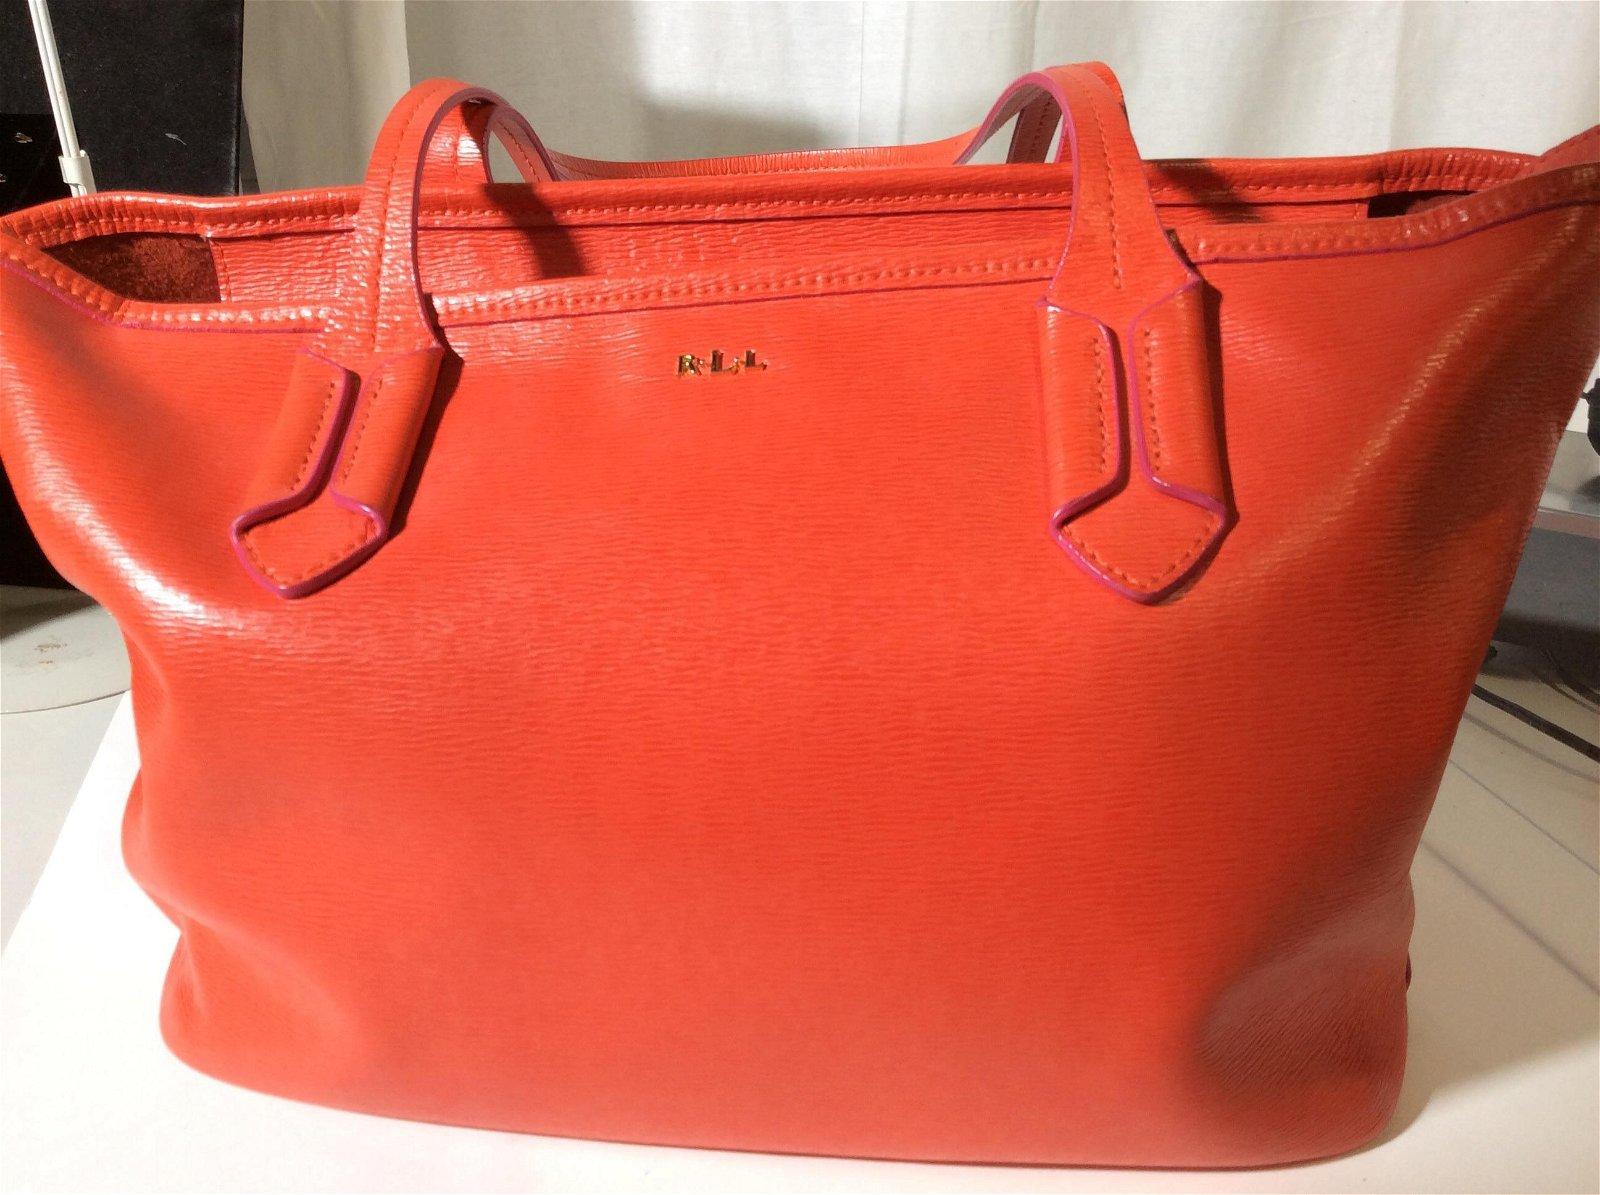 Ralph Lauren Red Leather Handbag